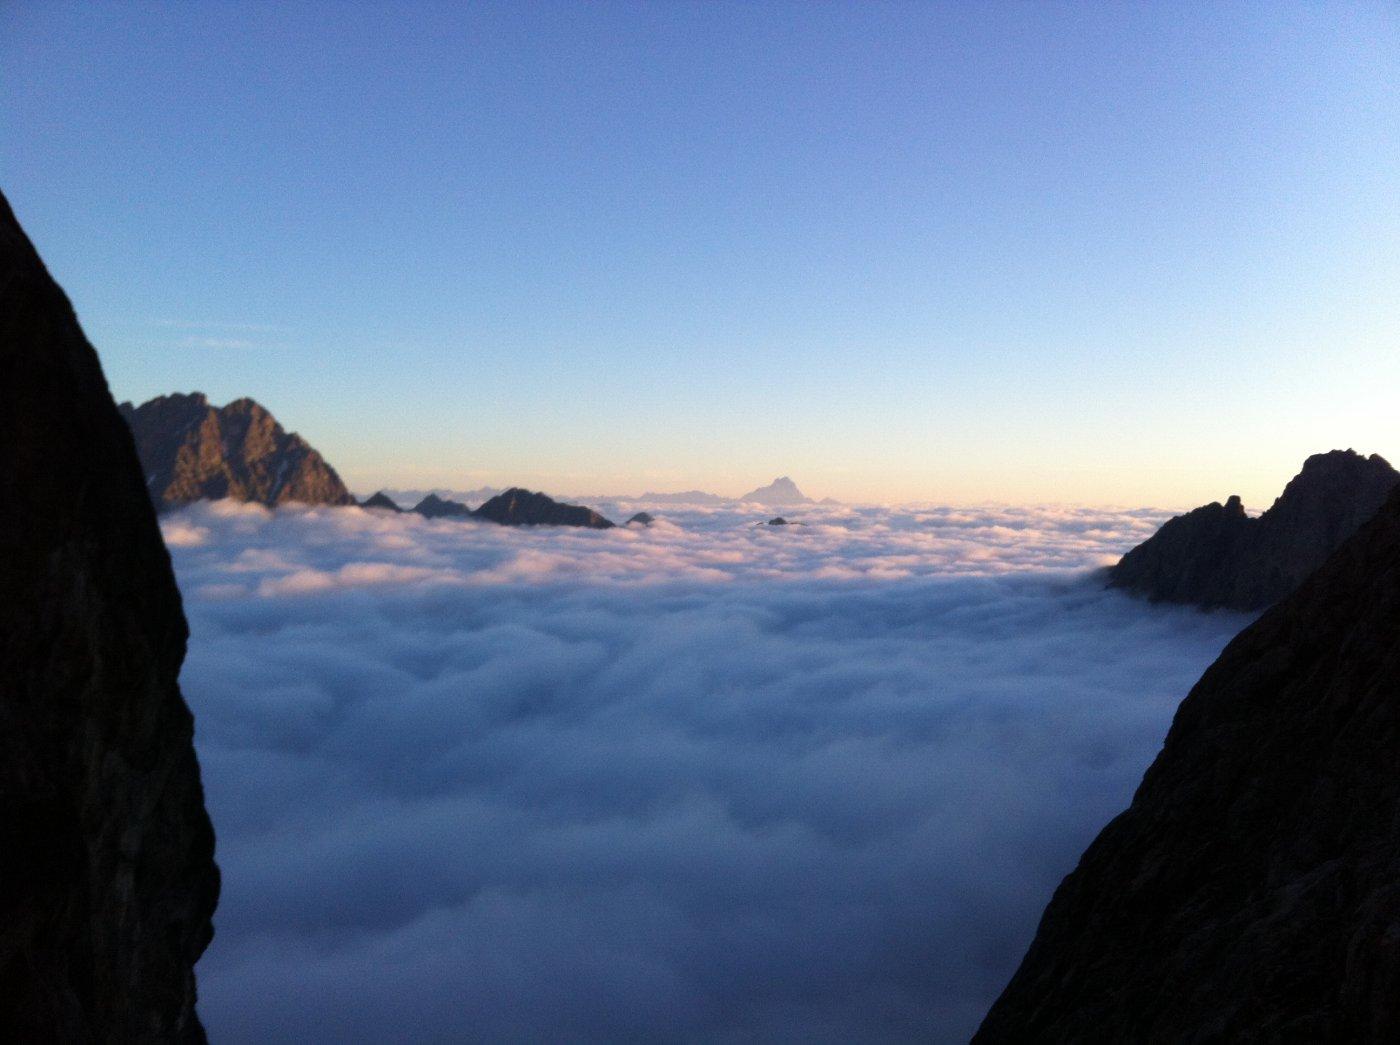 mare di nuvole e sullo sfondo il Monviso